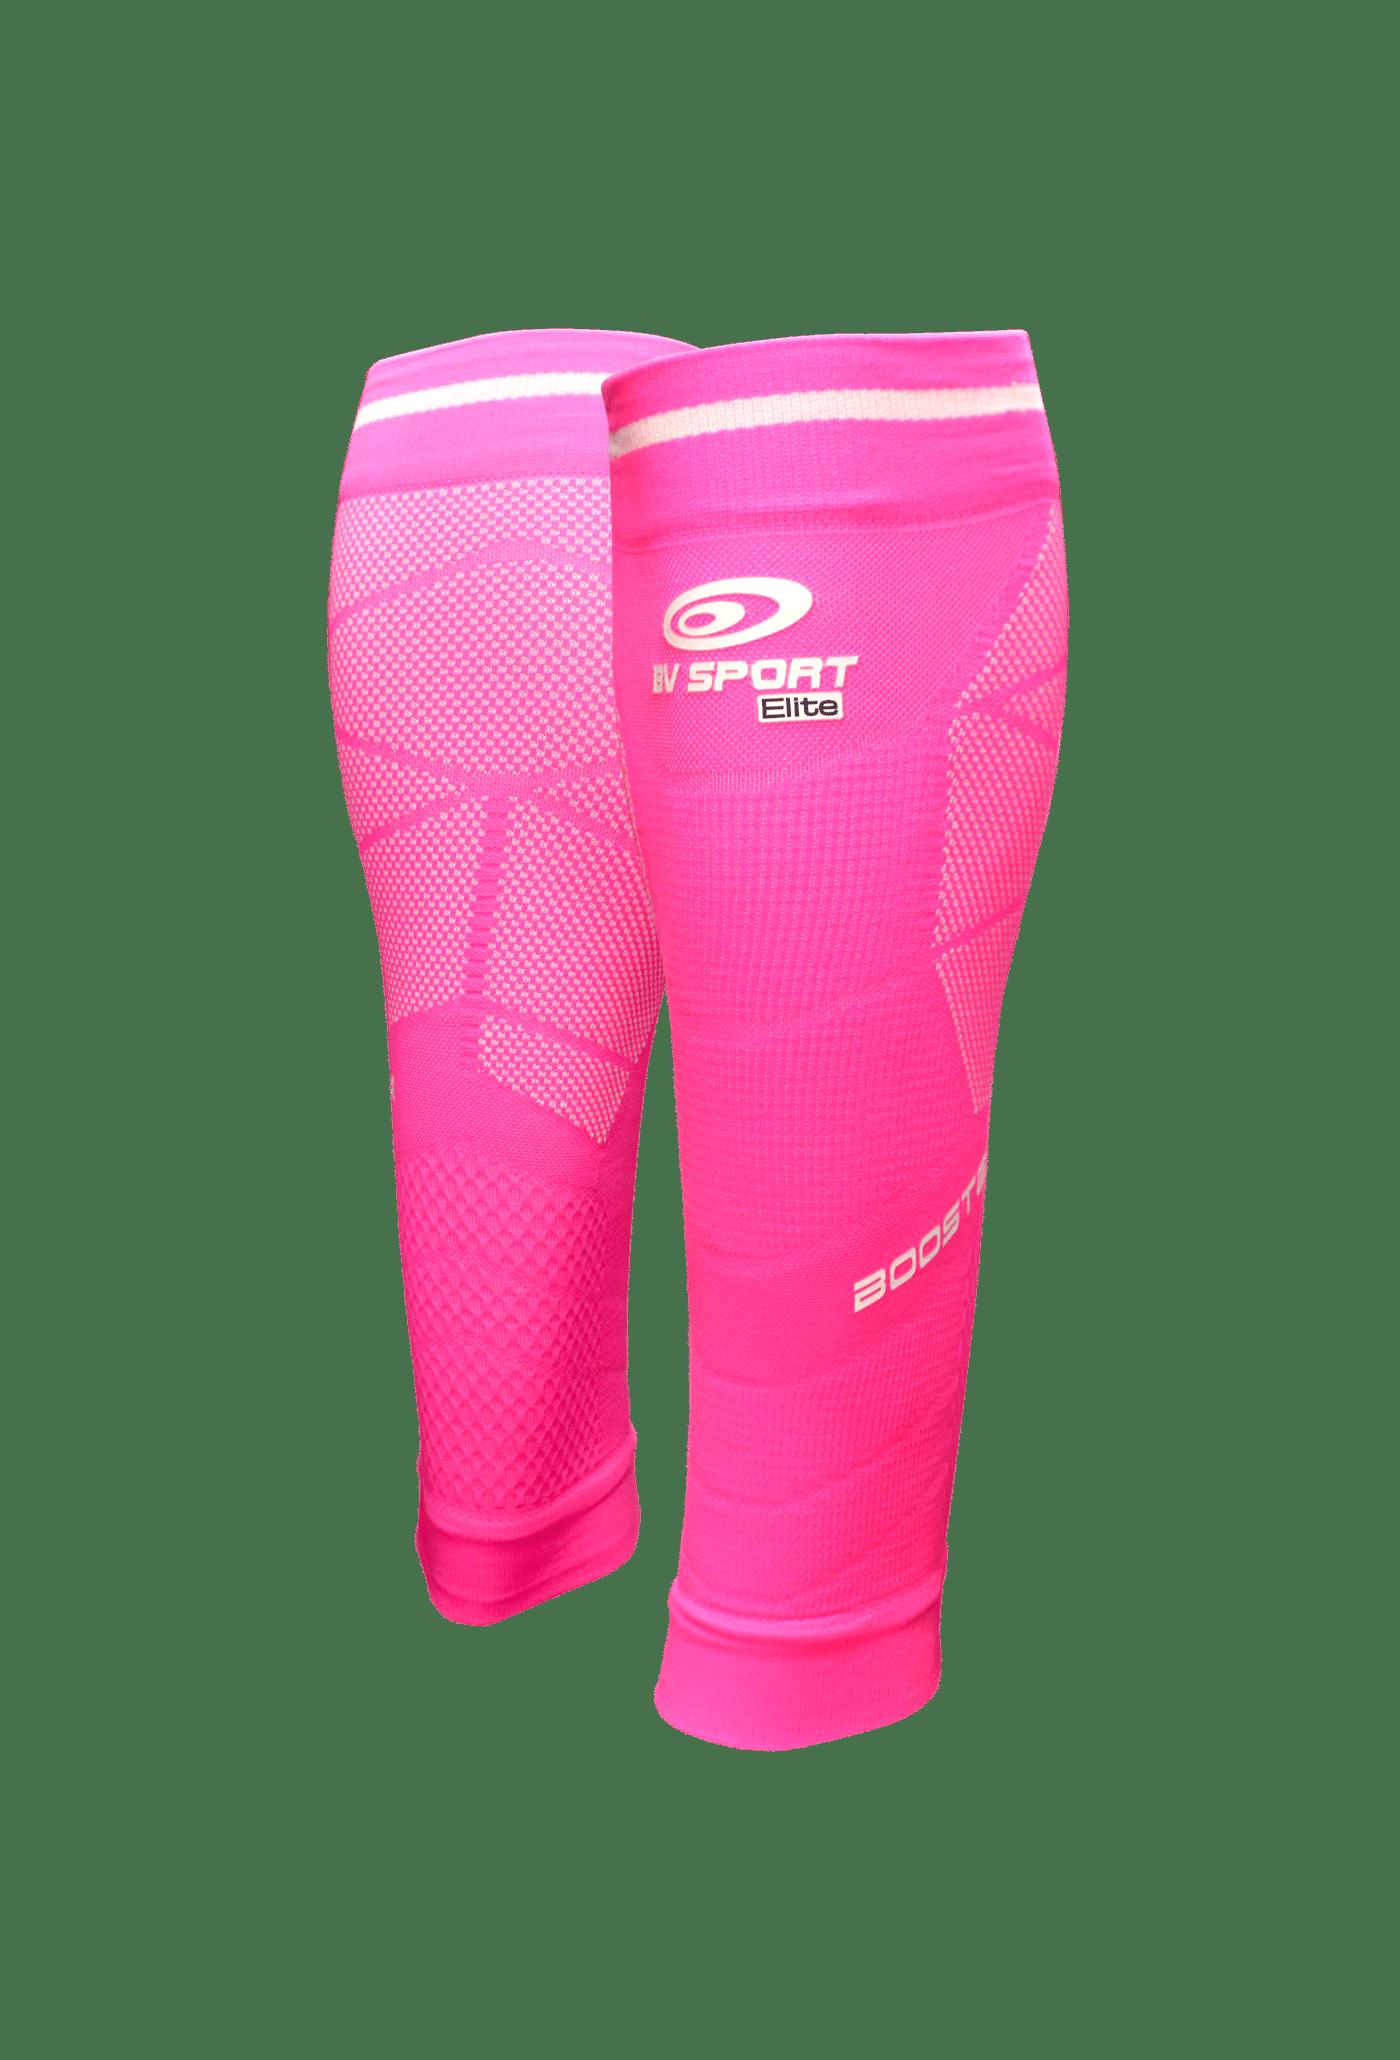 bv-sport-booster-elite-evo2-rose